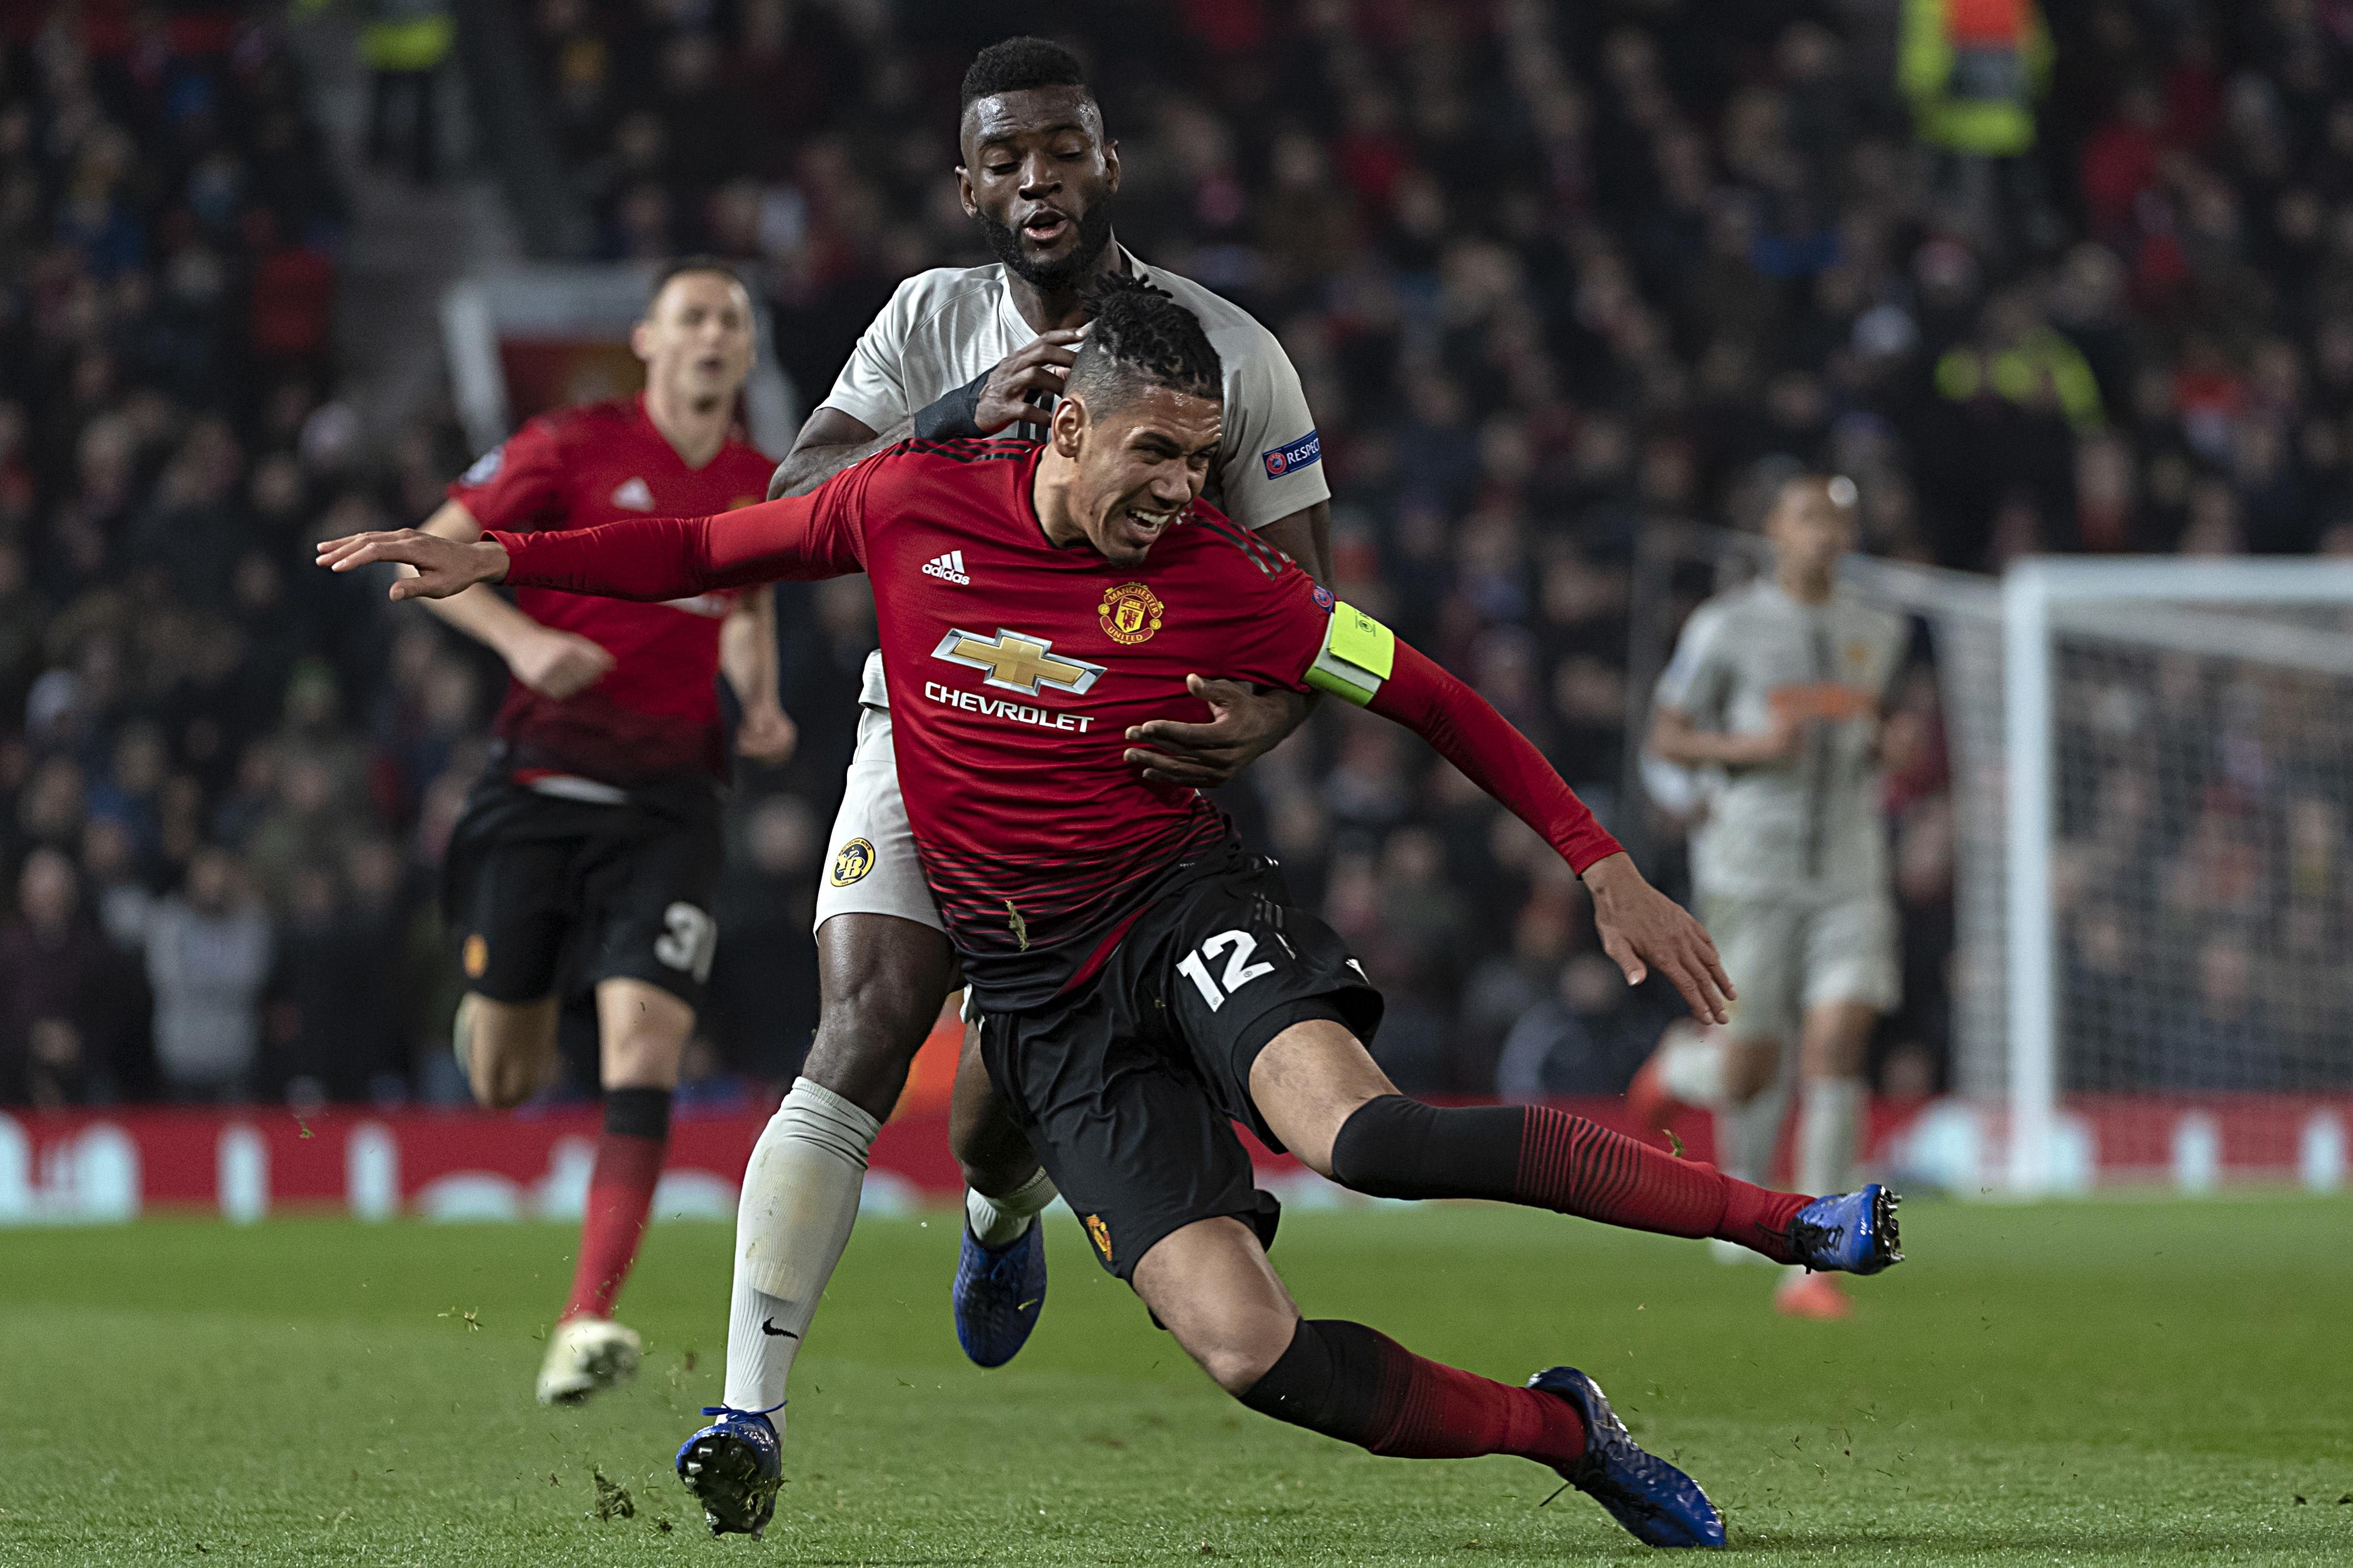 Smalling prolonga contrato com Manchester United até 2022